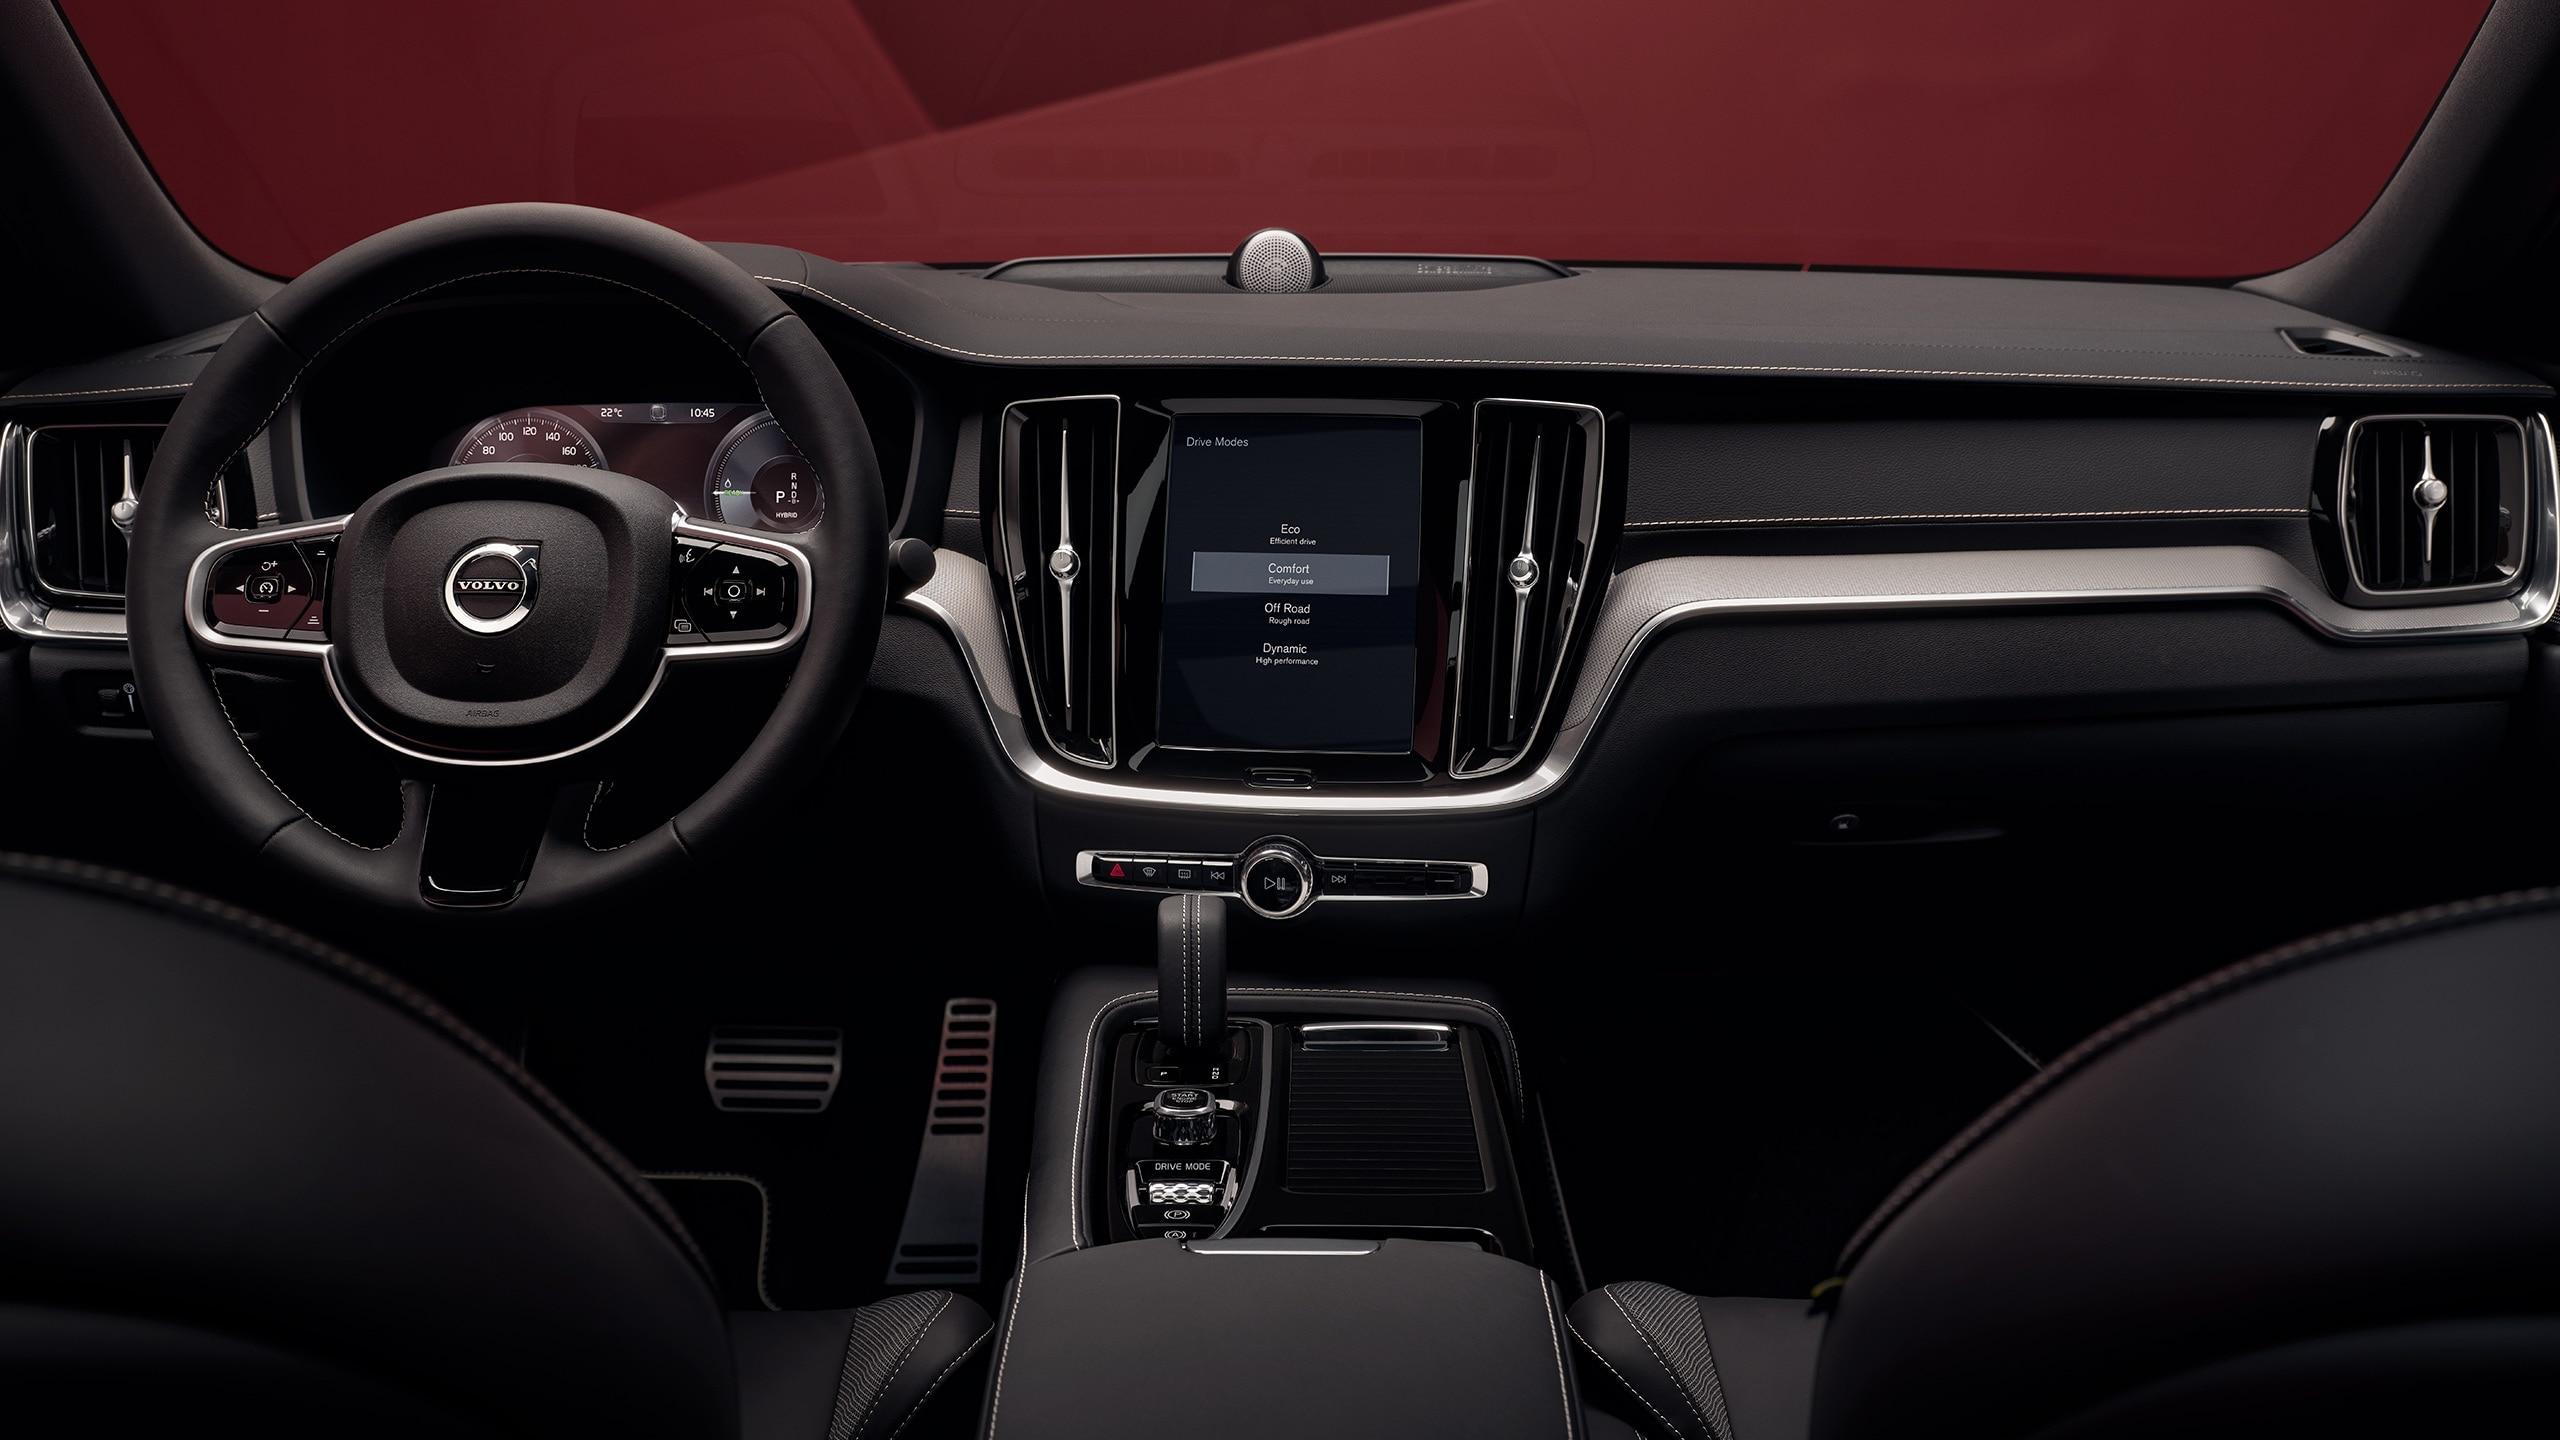 Schwarze Innenausstattung einer Volvo S60 Limousine